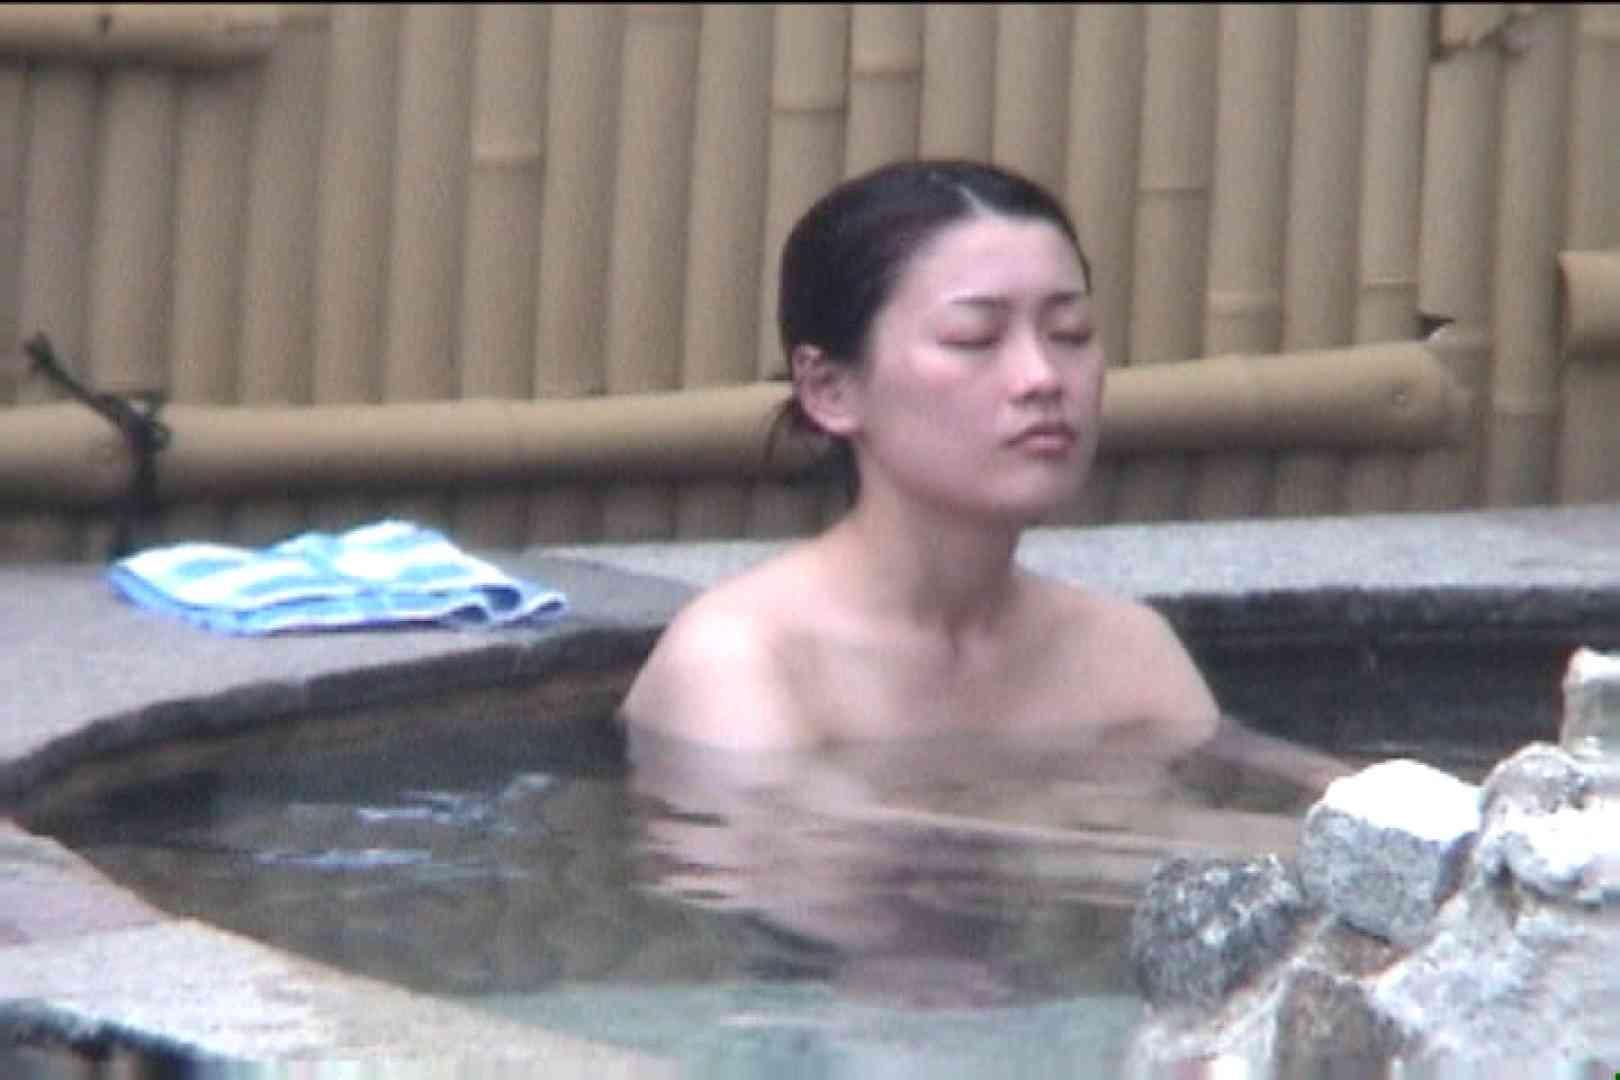 Aquaな露天風呂Vol.92【VIP限定】 盗撮  33連発 33